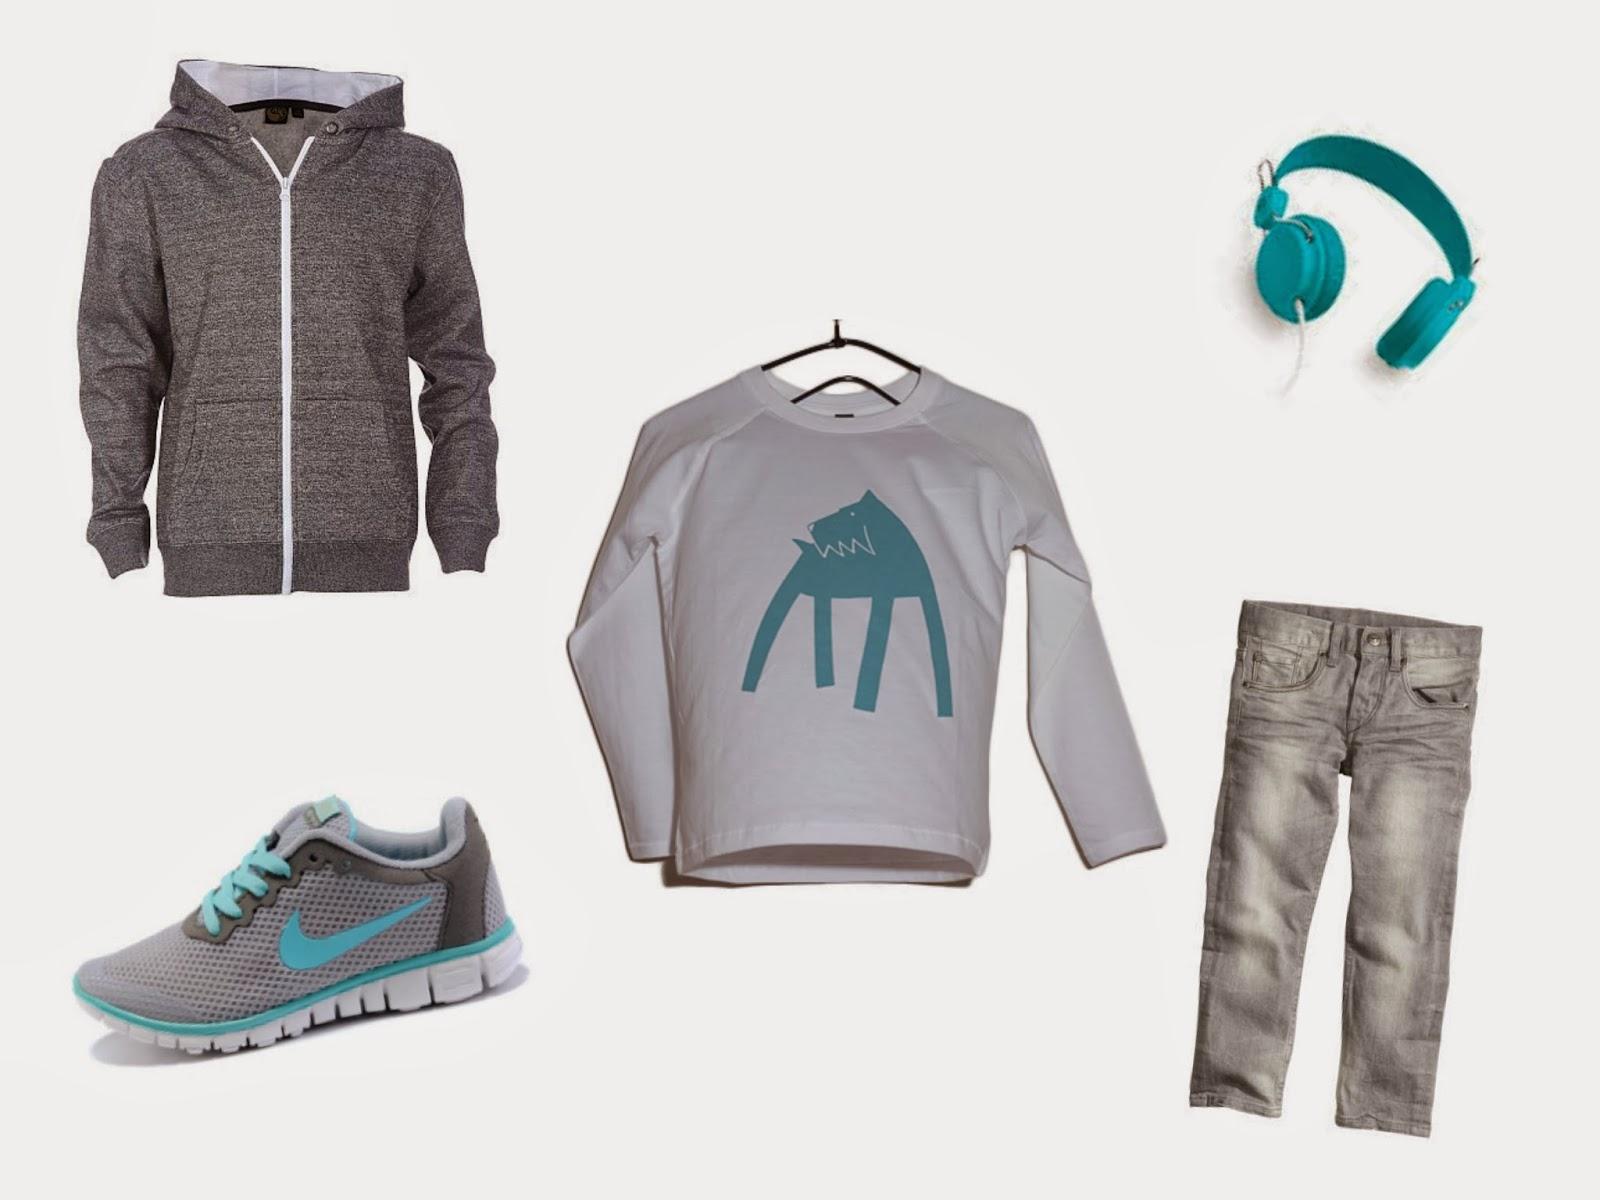 http://quierocamisetass.com/camisetas-hombre/156-camisetas-chico-perro3.html#.UvIdePk0J-4